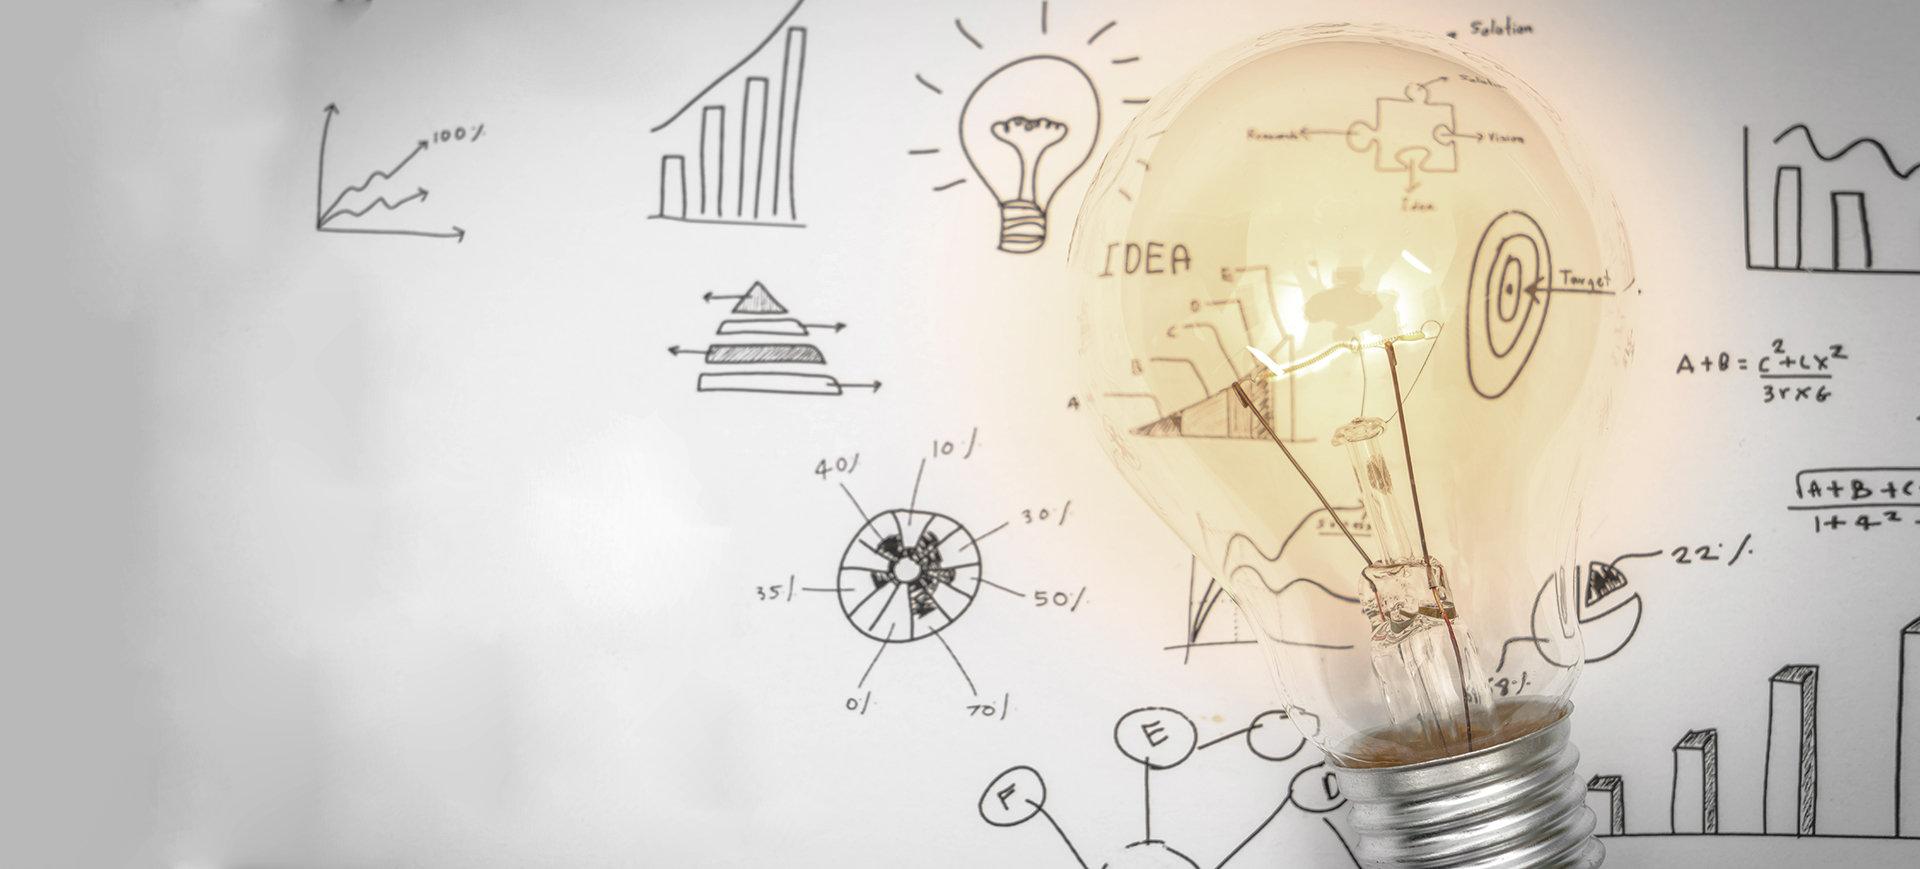 Consulta Viabilidade da Ideia / Negócio